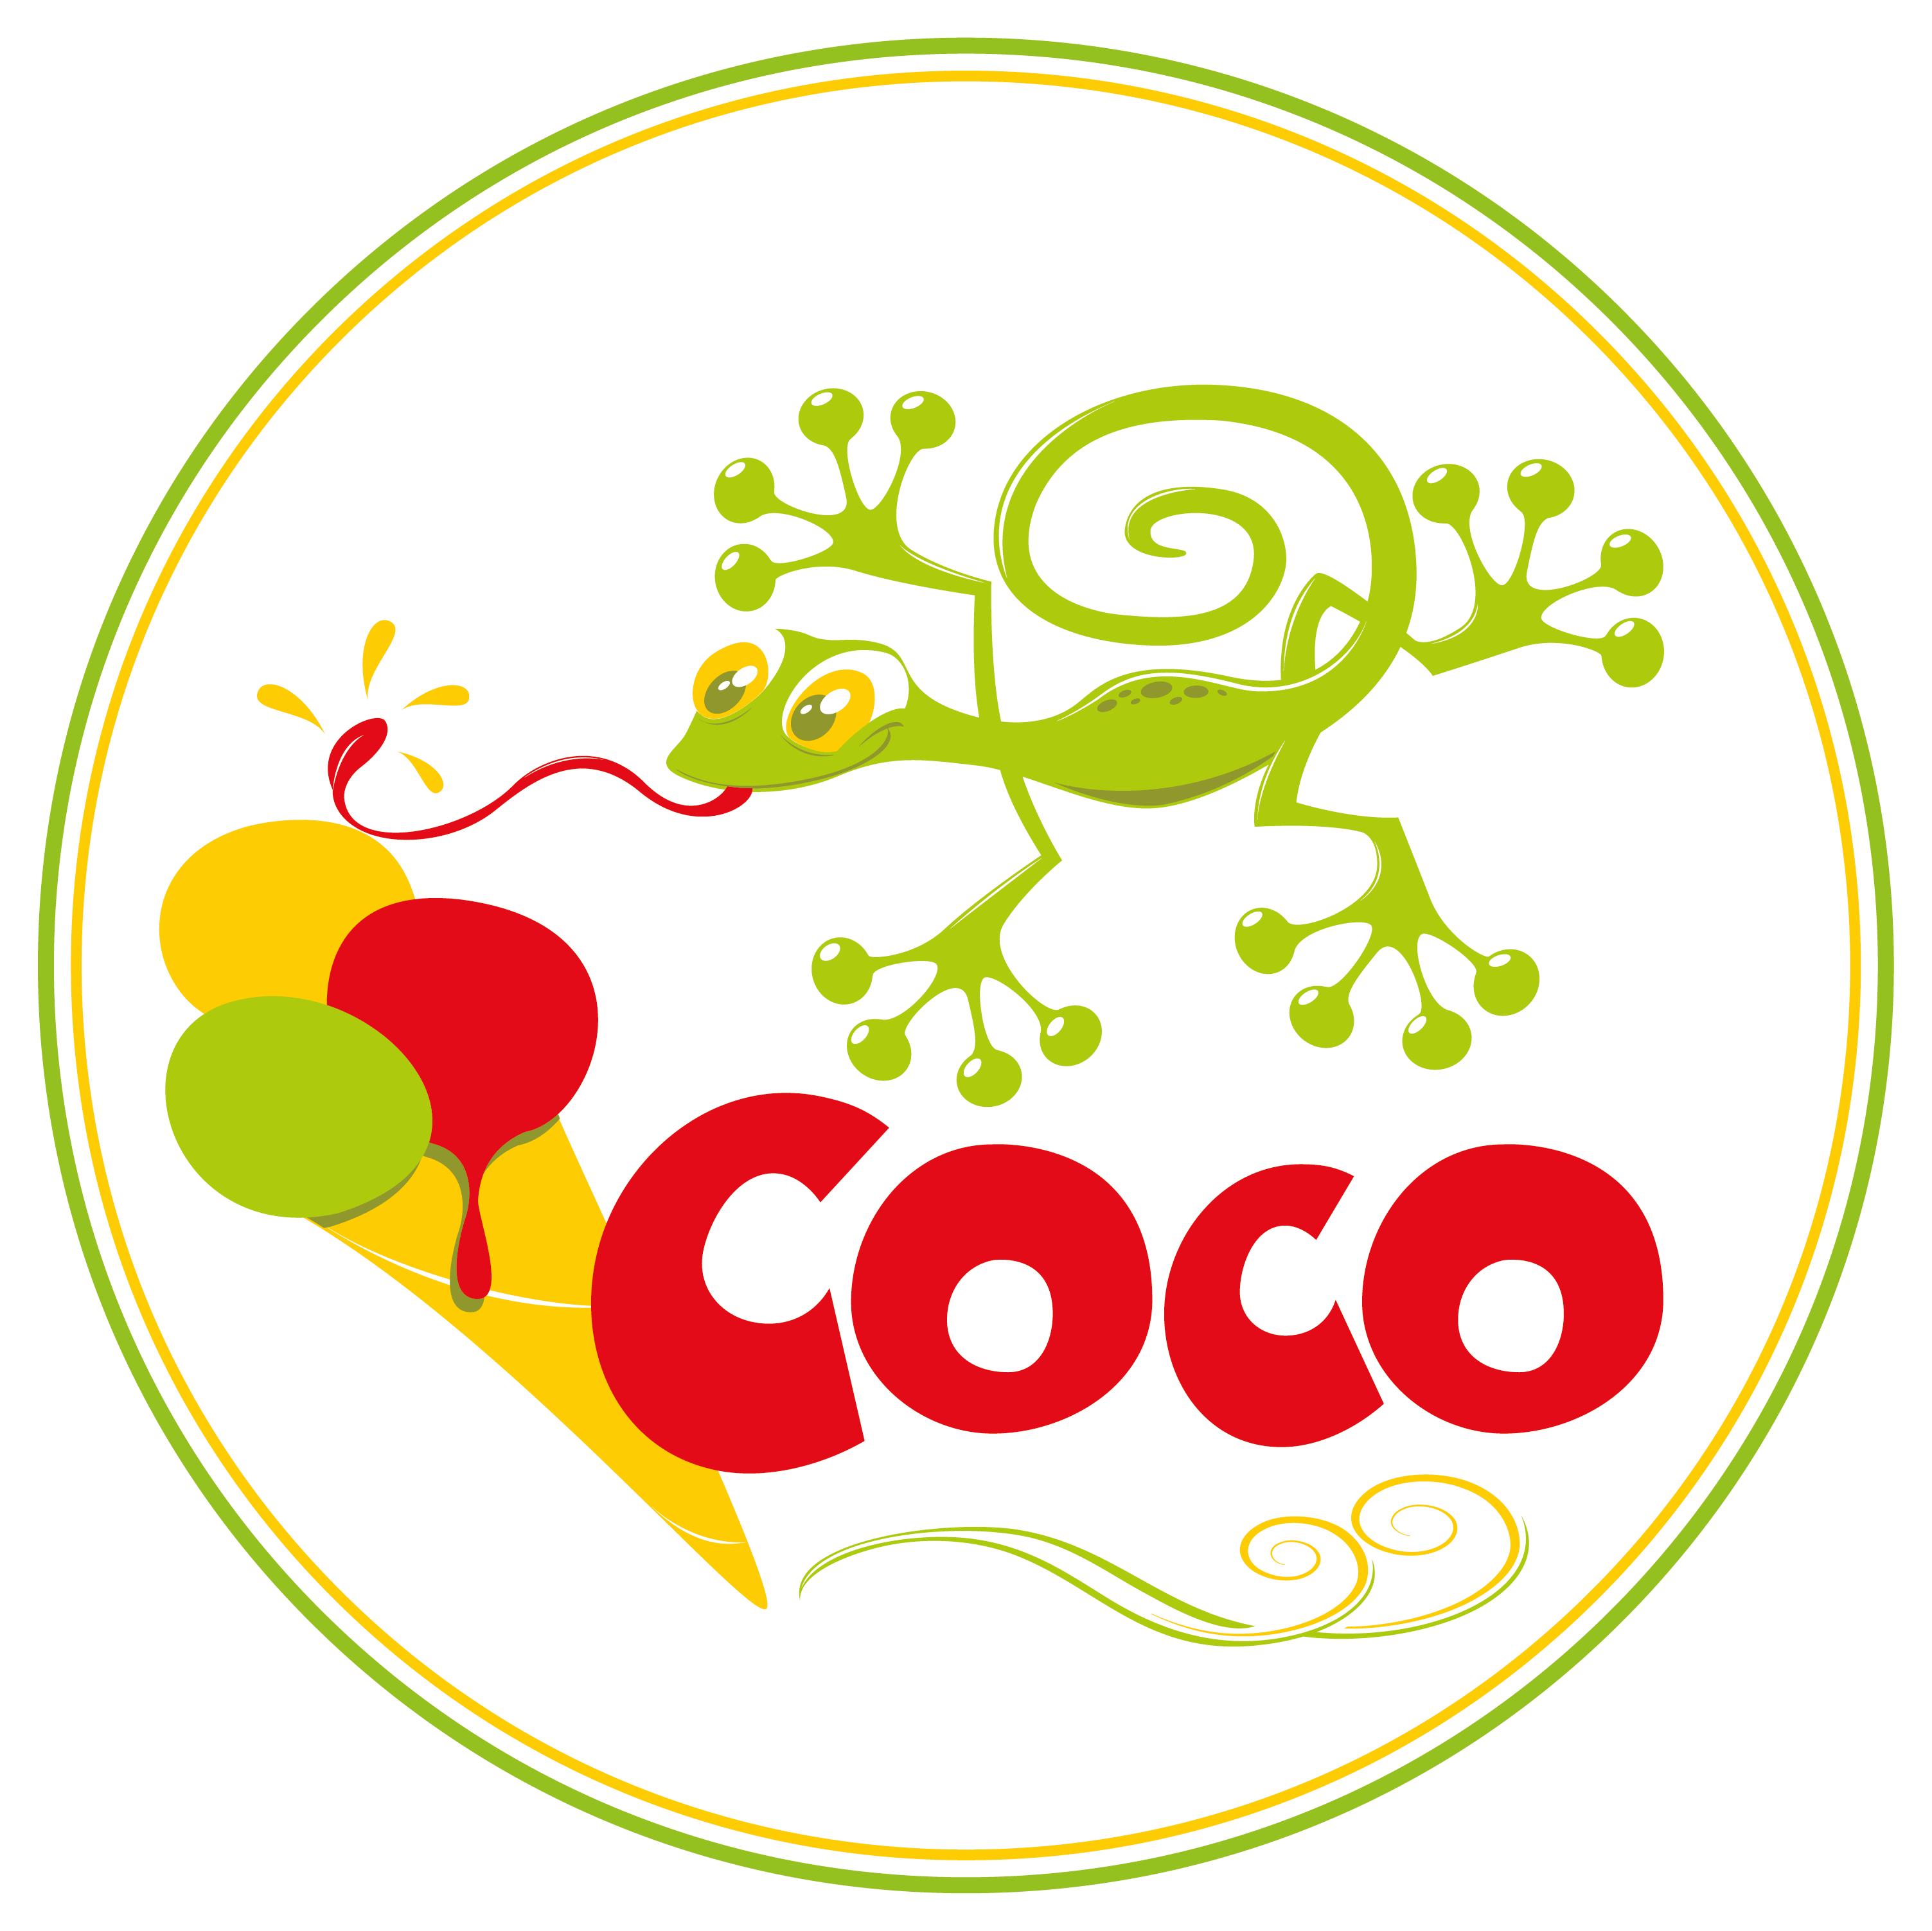 Coco IJskarren Professionele kwaliteit en bediening met de glimlach op al uw feesten en events.